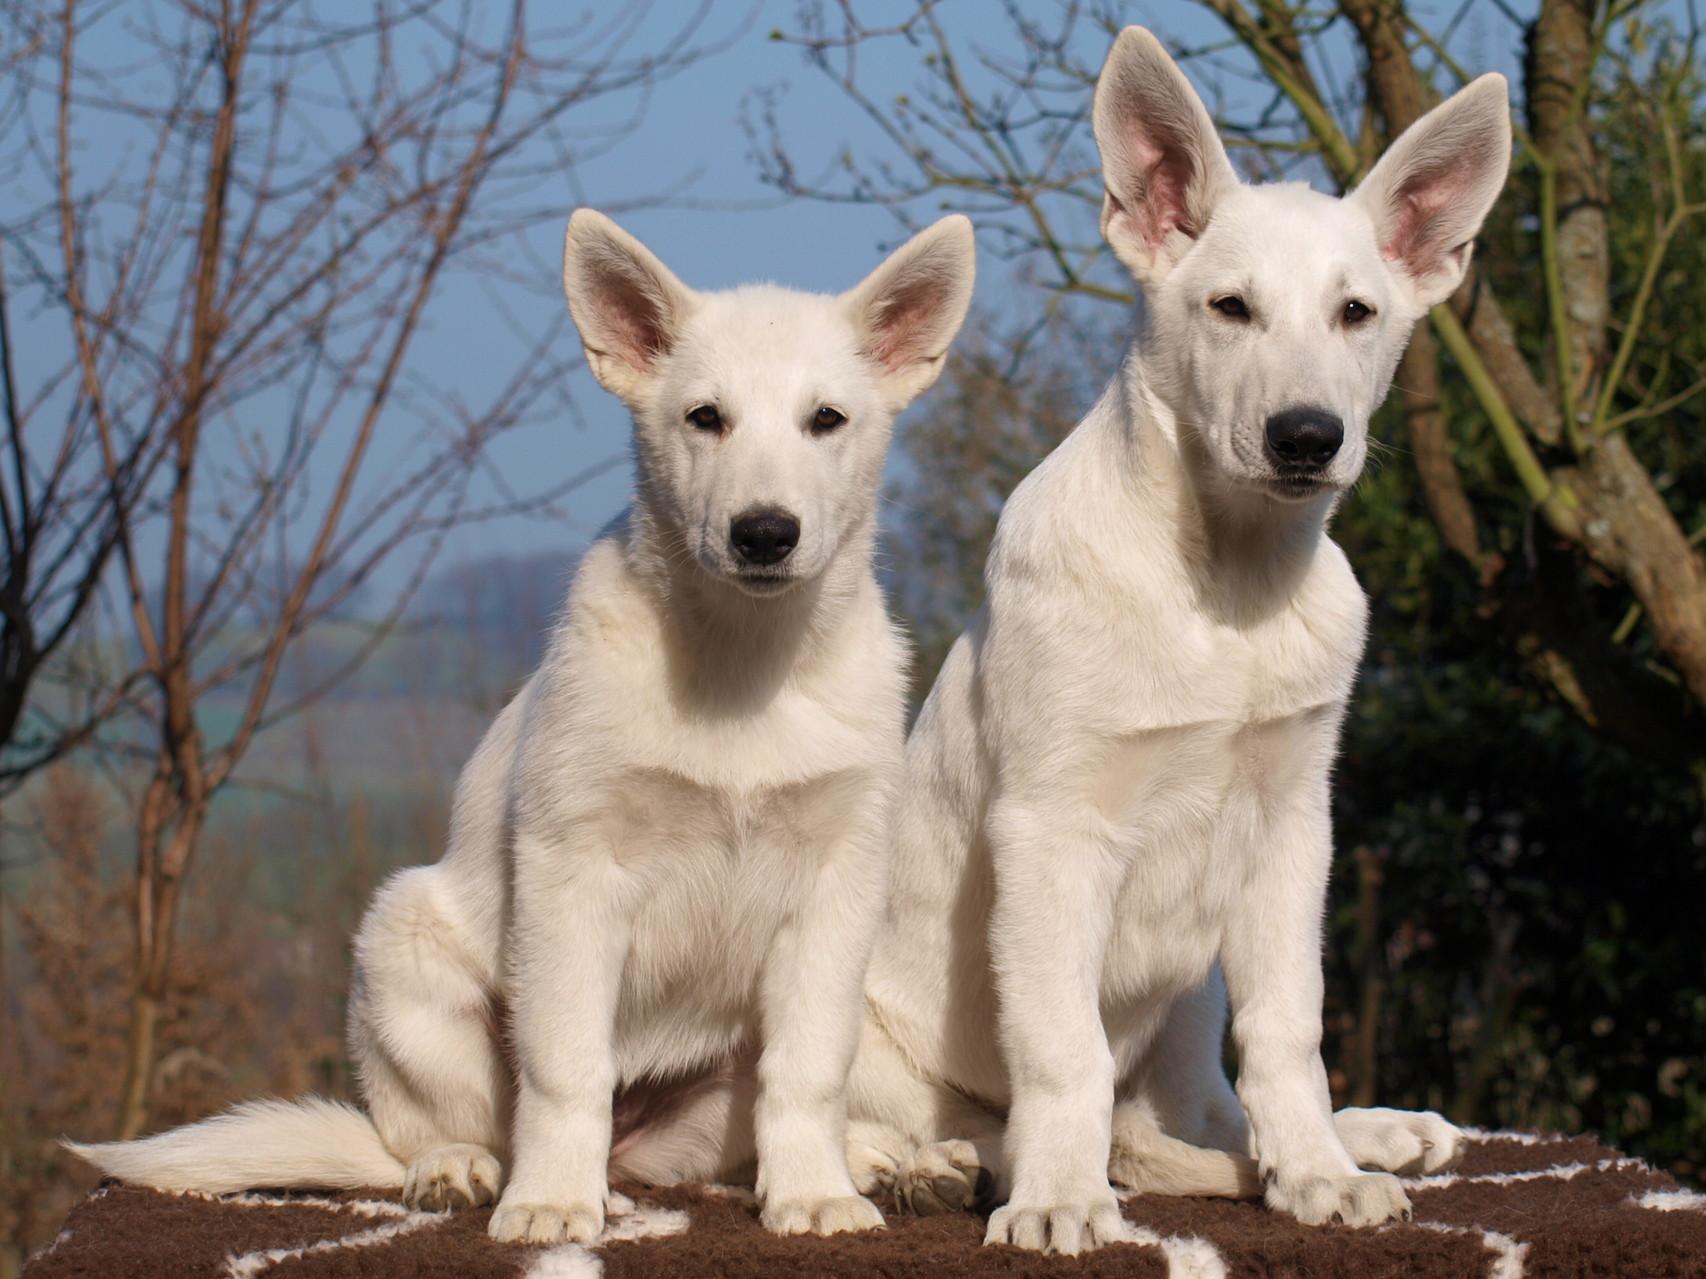 die kleine Milka und der große Cody - zwei, die sich mögen